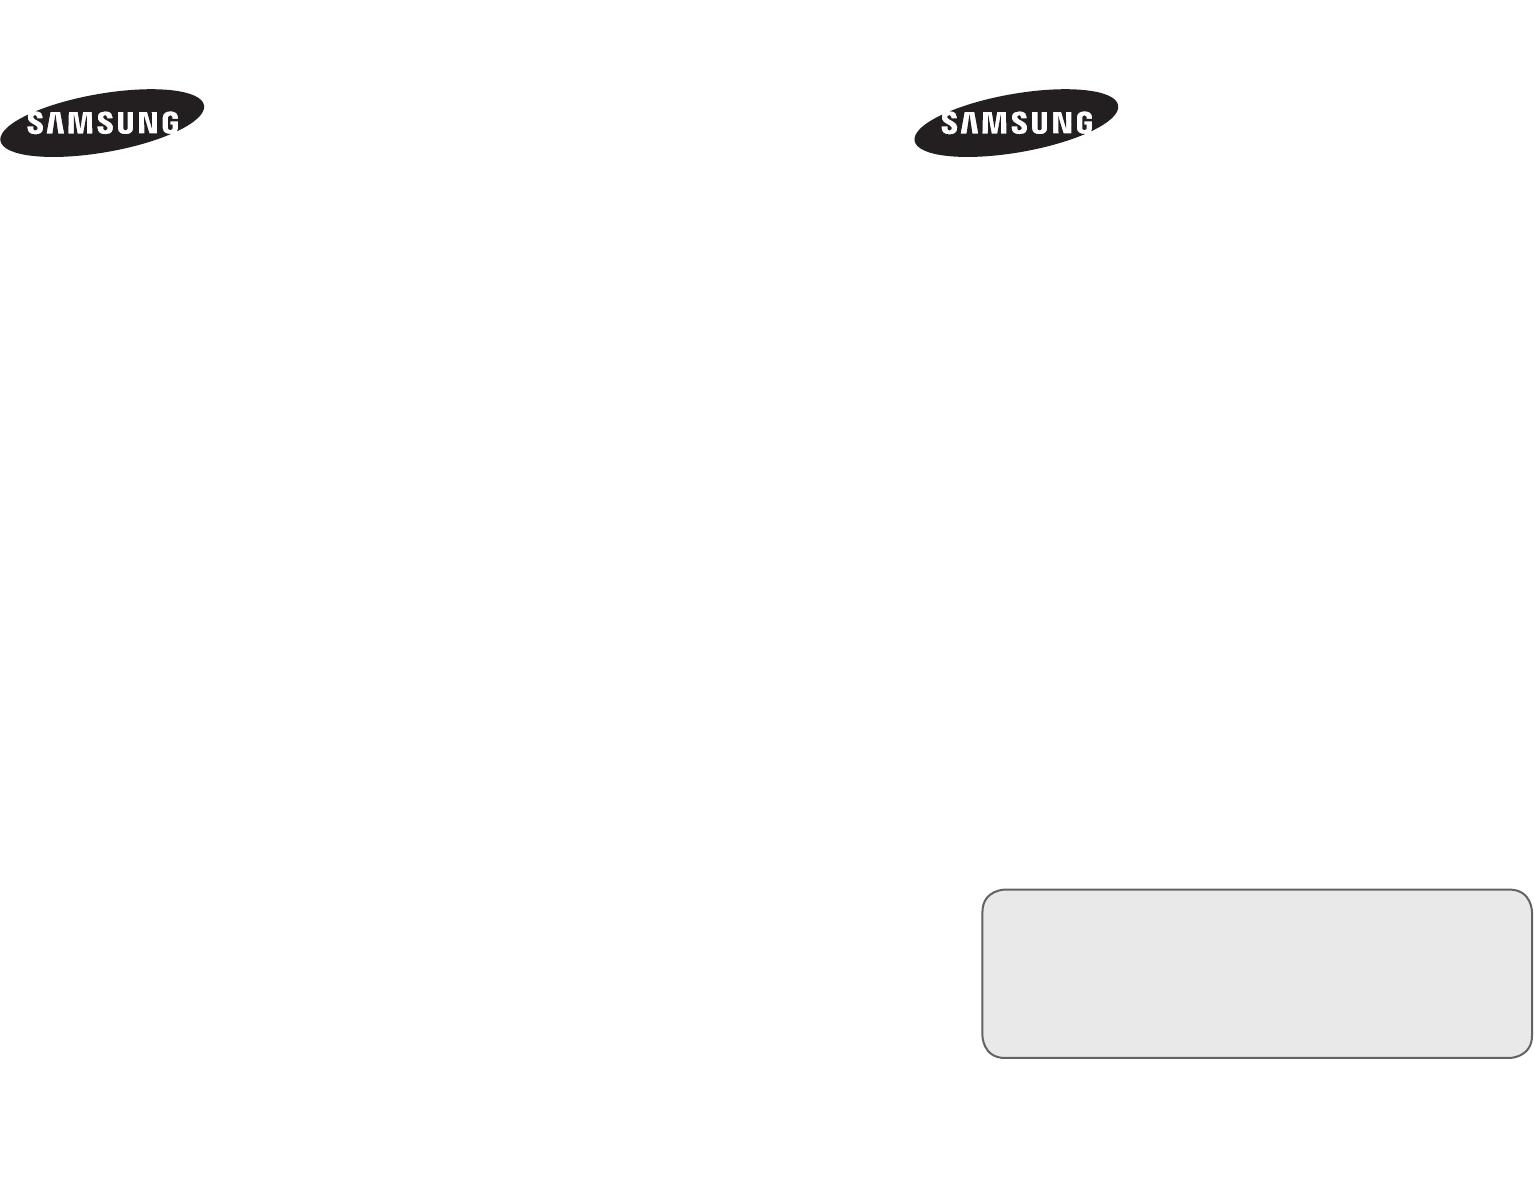 Bedienungsanleitung Samsung le32s81b (Seite 1 von 482) (Deutsch, Englisch,  Spanisch, Spanisch, Französisch, Italienisch, Holländisch, Portugiesisch)